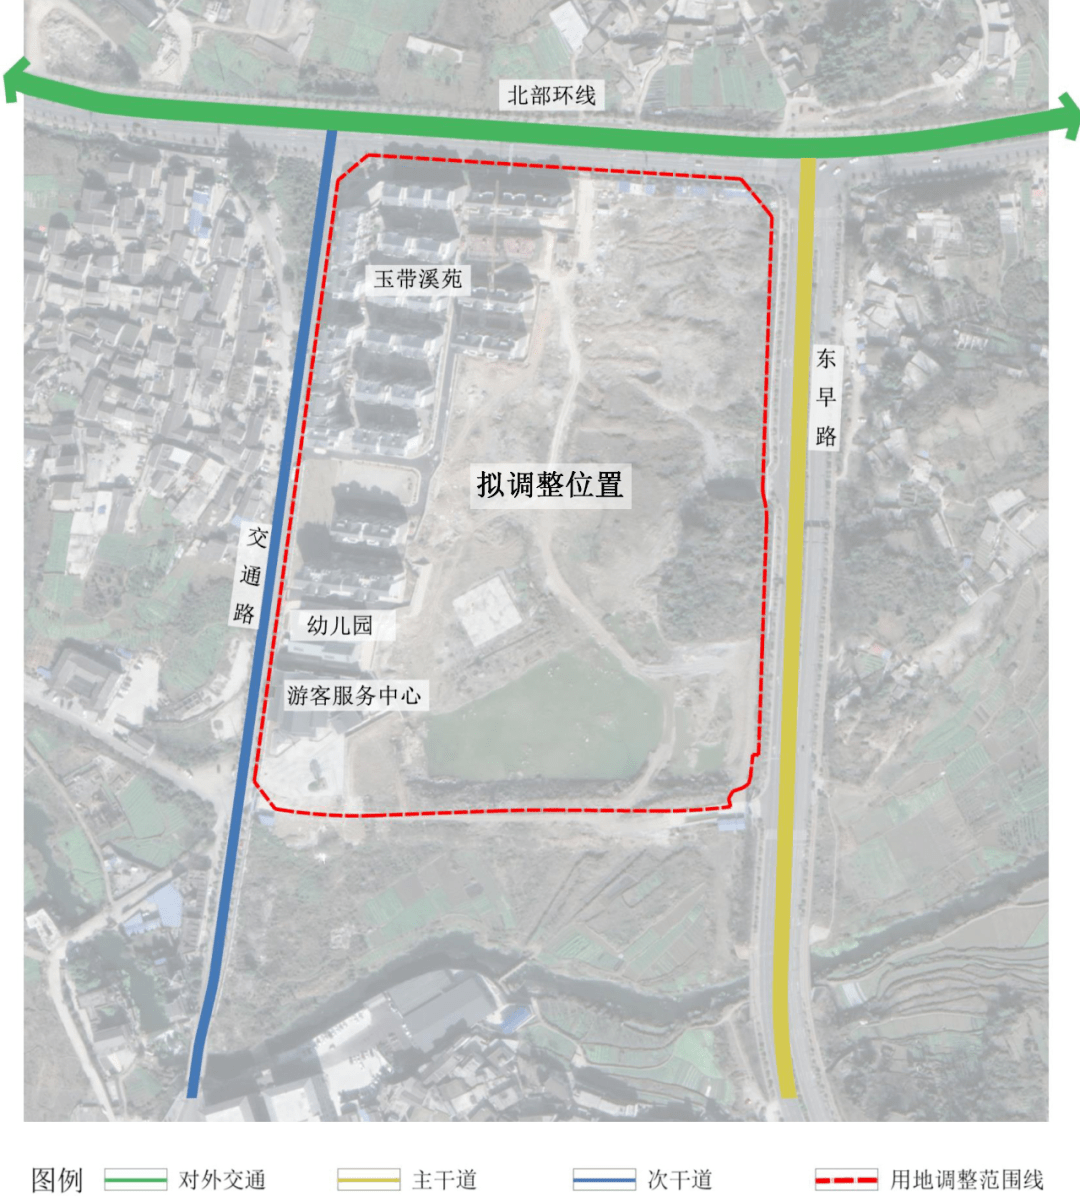 贵阳市四个区最新规划公示,新医院和新楼房来了